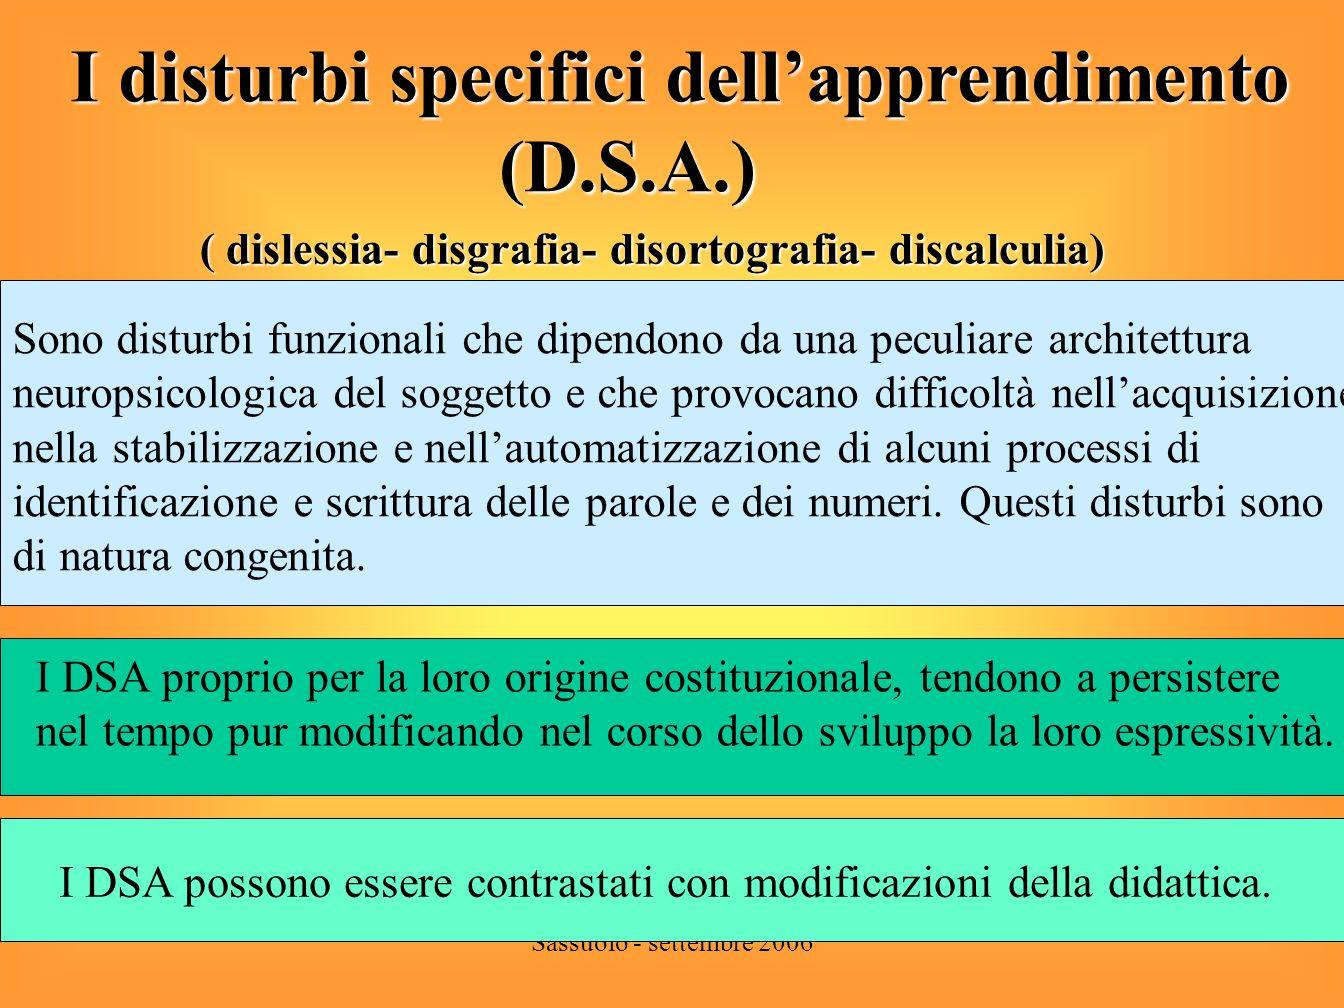 Sassuolo - settembre 2006 I disturbi specifici dellapprendimento (D.S.A.) (D.S.A.) ( dislessia- disgrafia- disortografia- discalculia) In Italia si stima che il 3- 5% della popolazioneIn Italia si stima che il 3- 5% della popolazione scolastica sia dislessico.